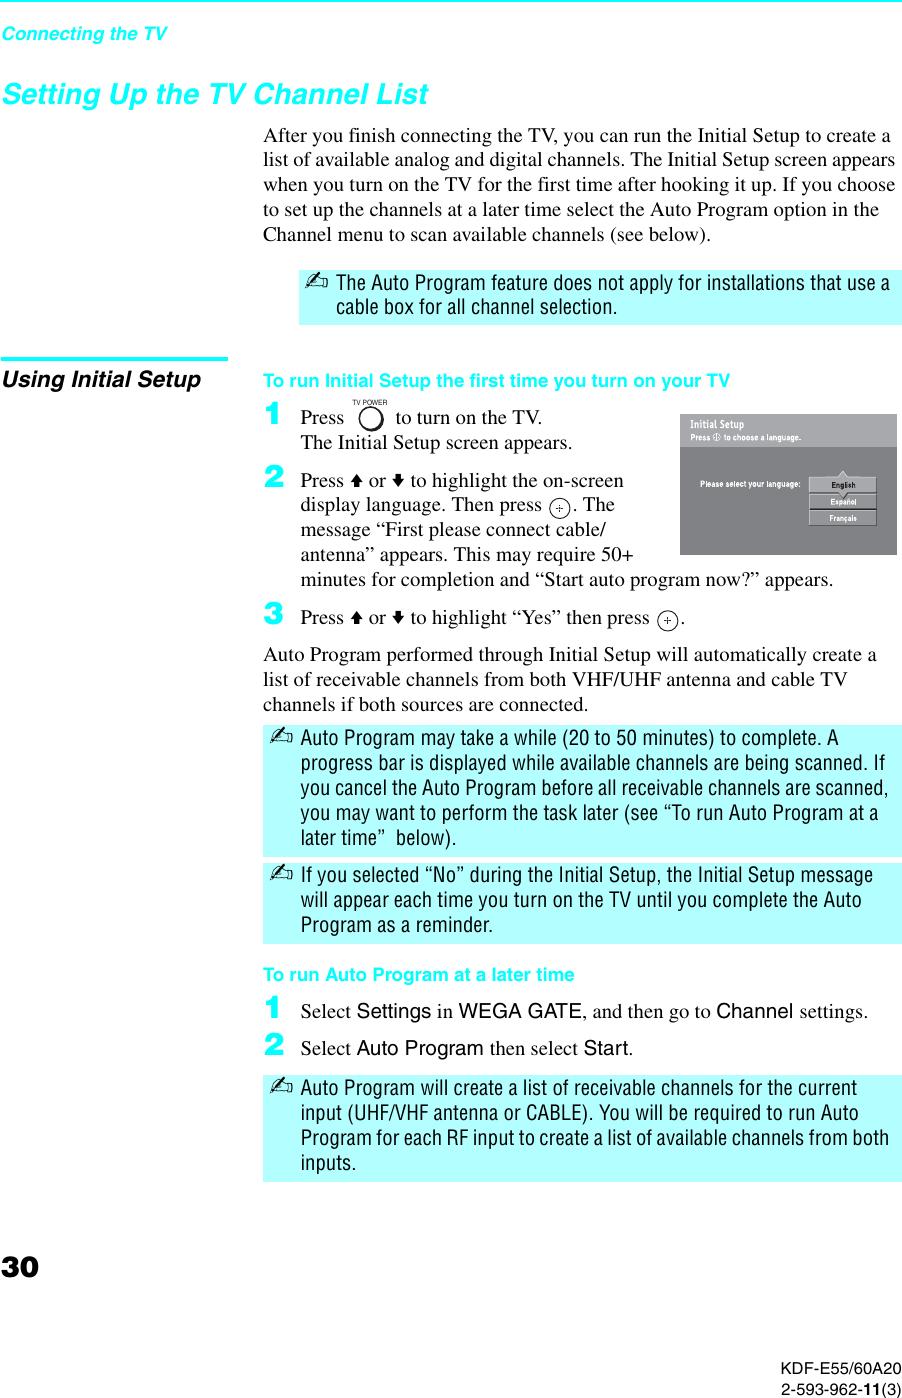 Sony Grand Wega Kdf E60A20 Users Manual E55/60A20